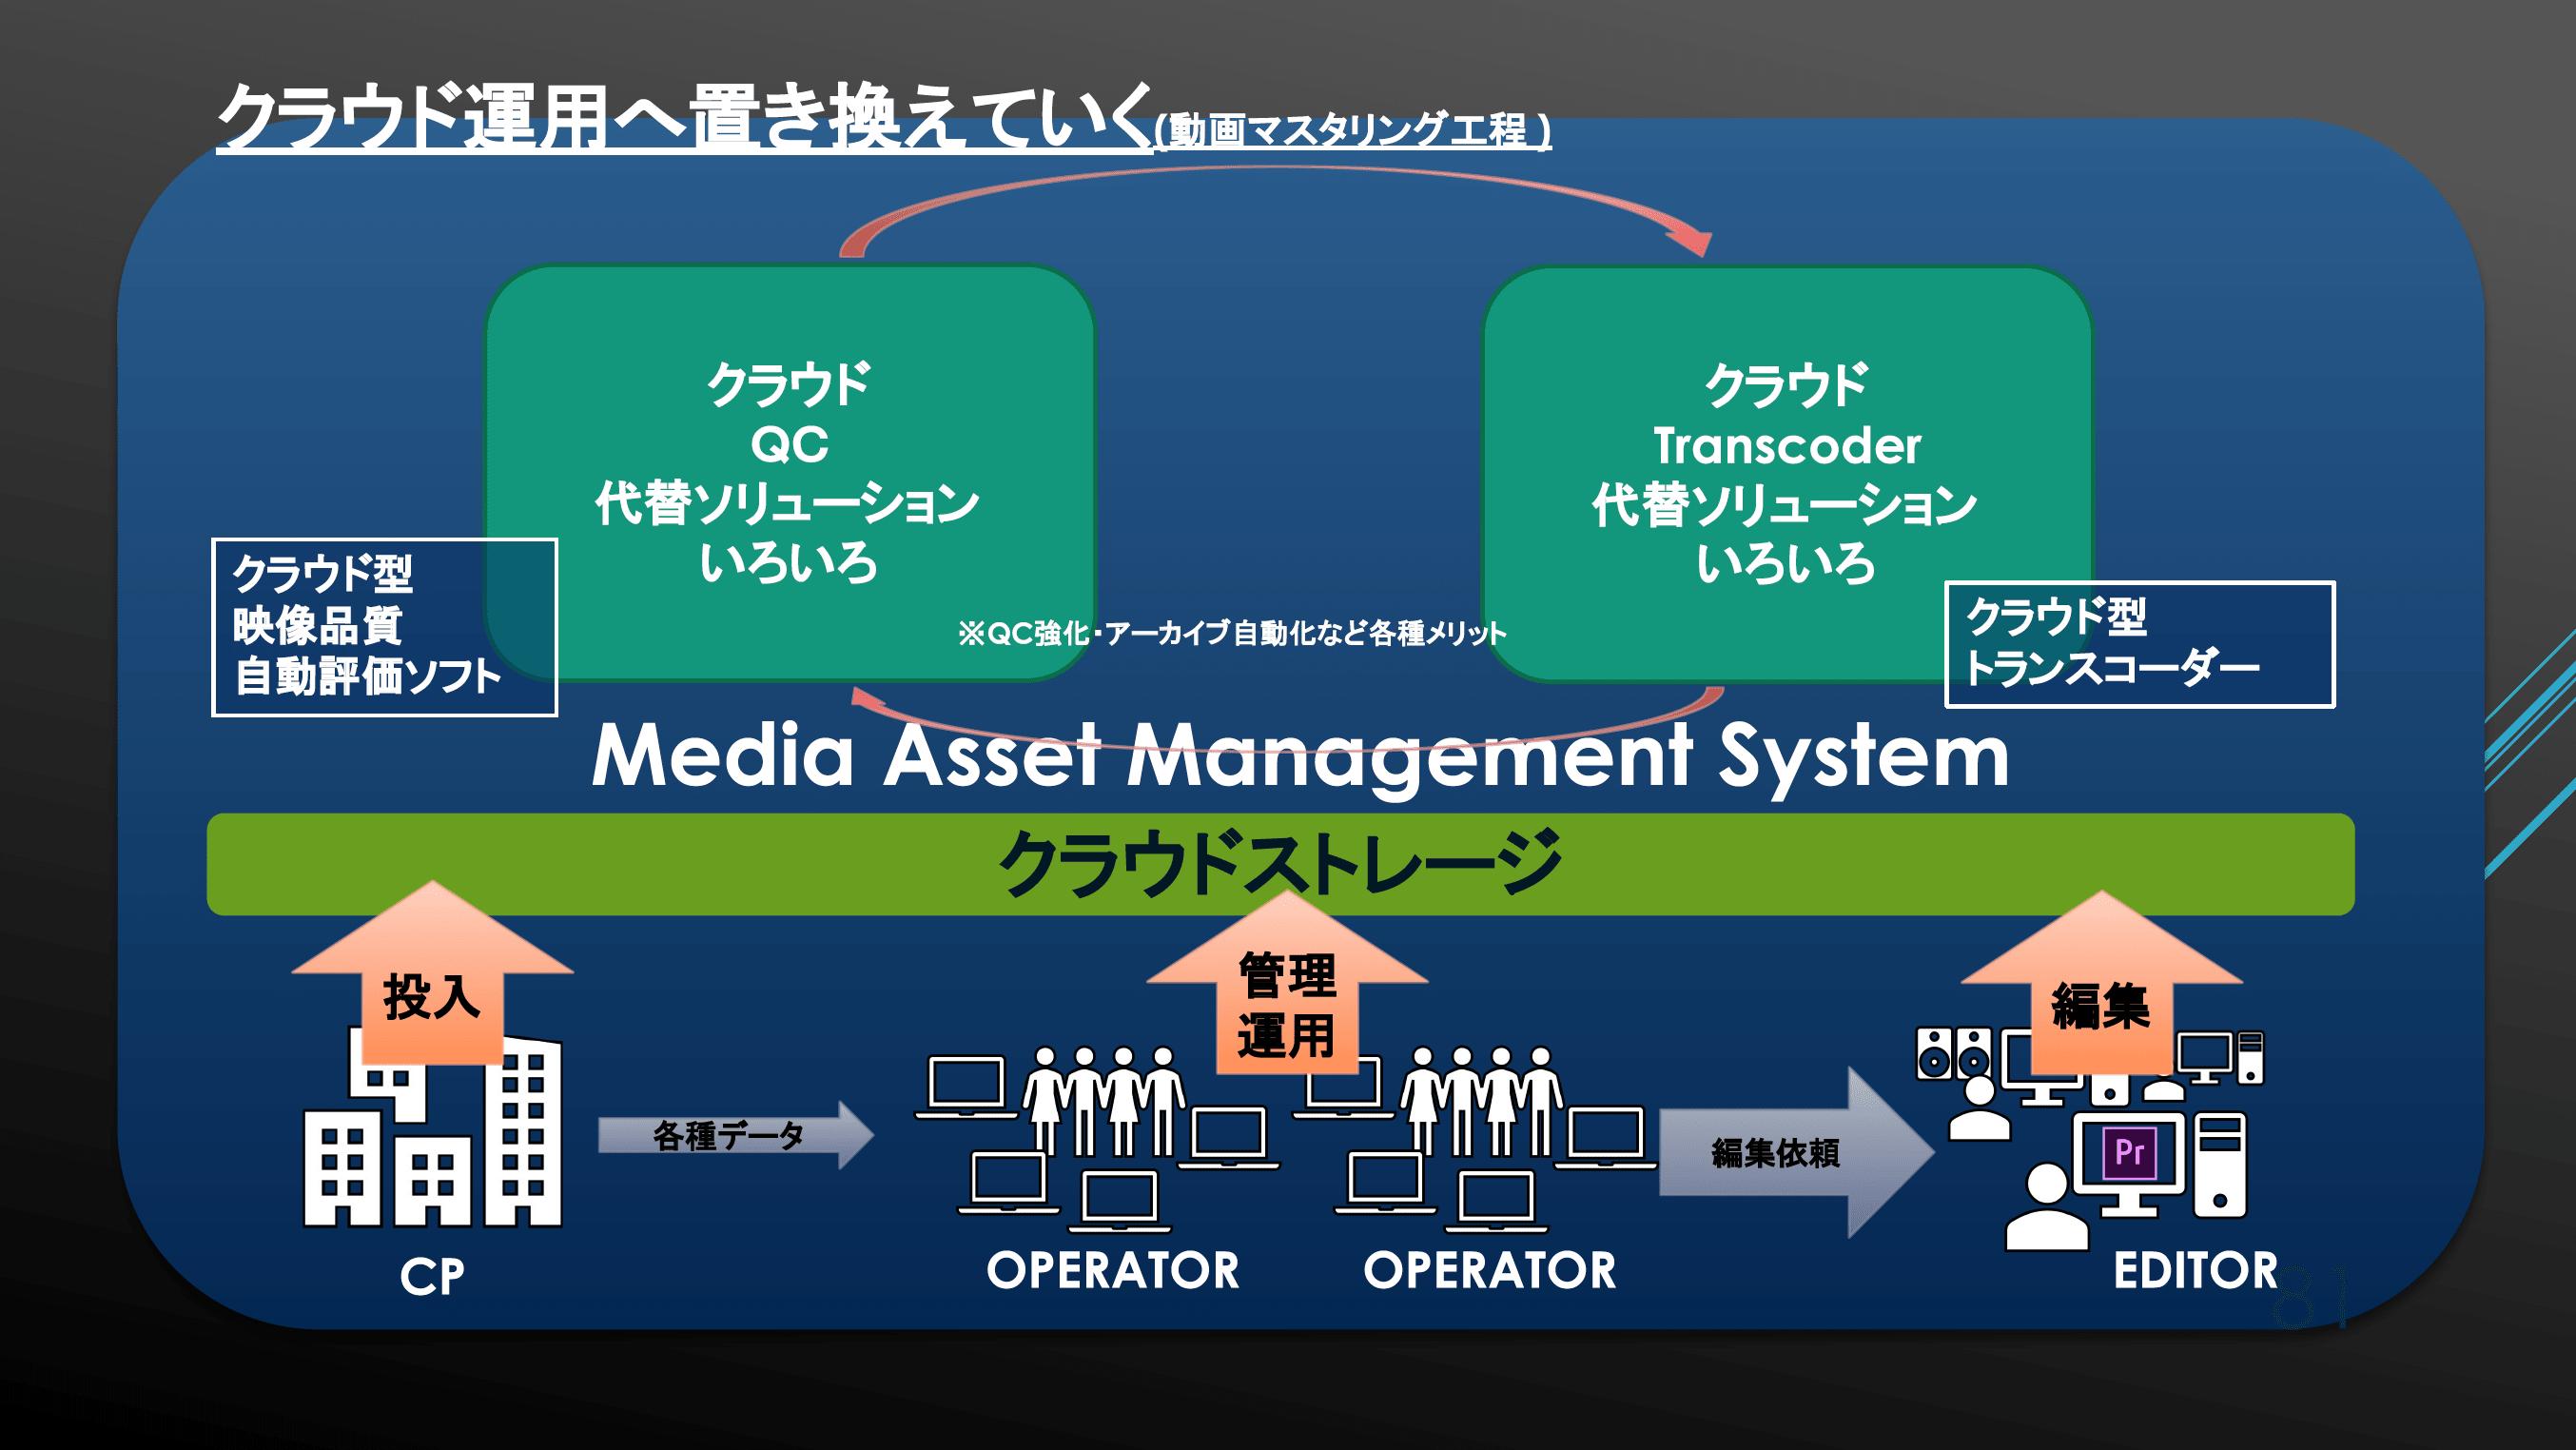 クラウド運用による MAM を図示したスライド